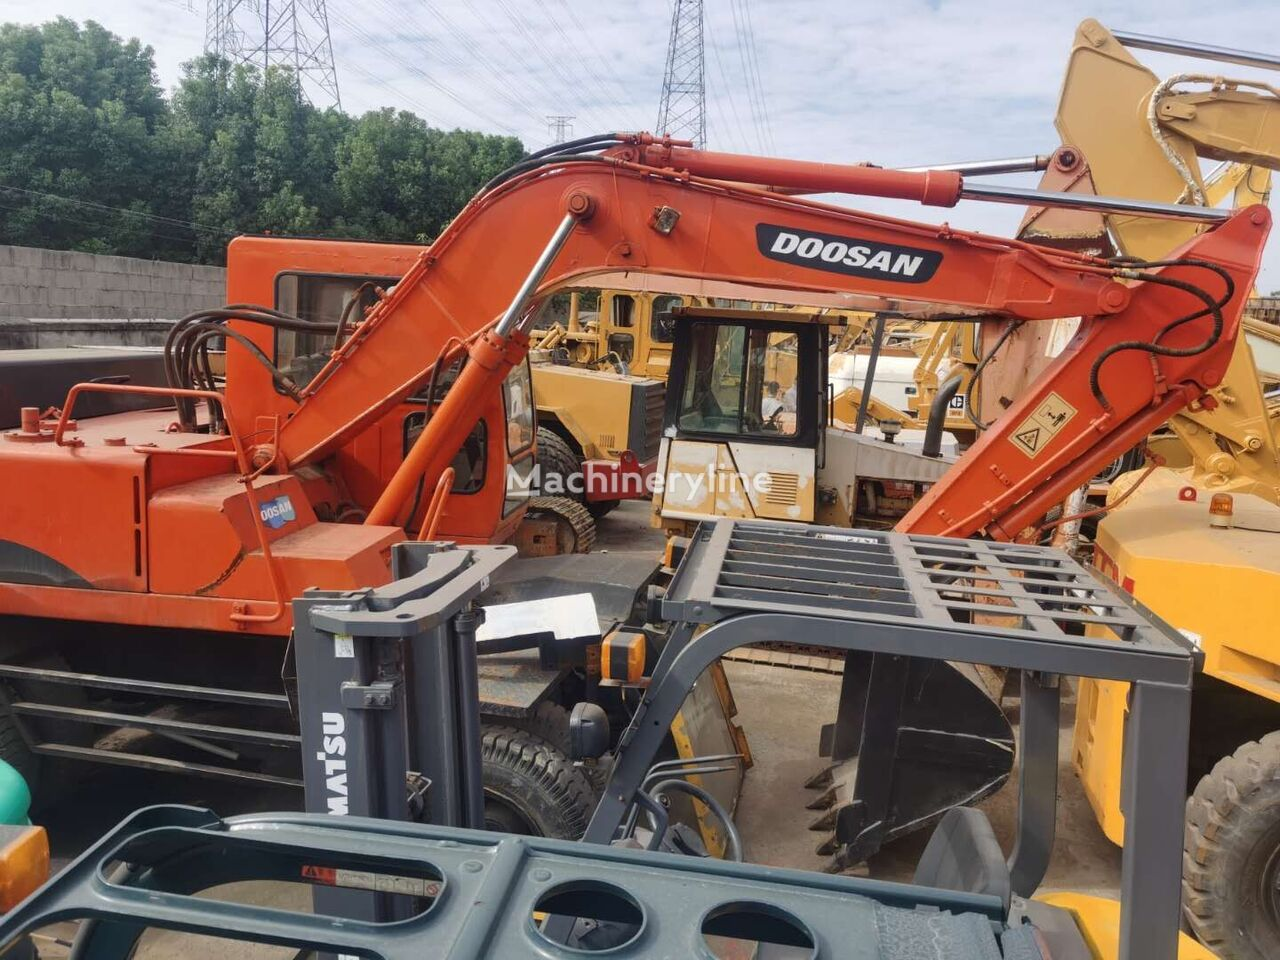 DOOSAN DH140 wheel excavator